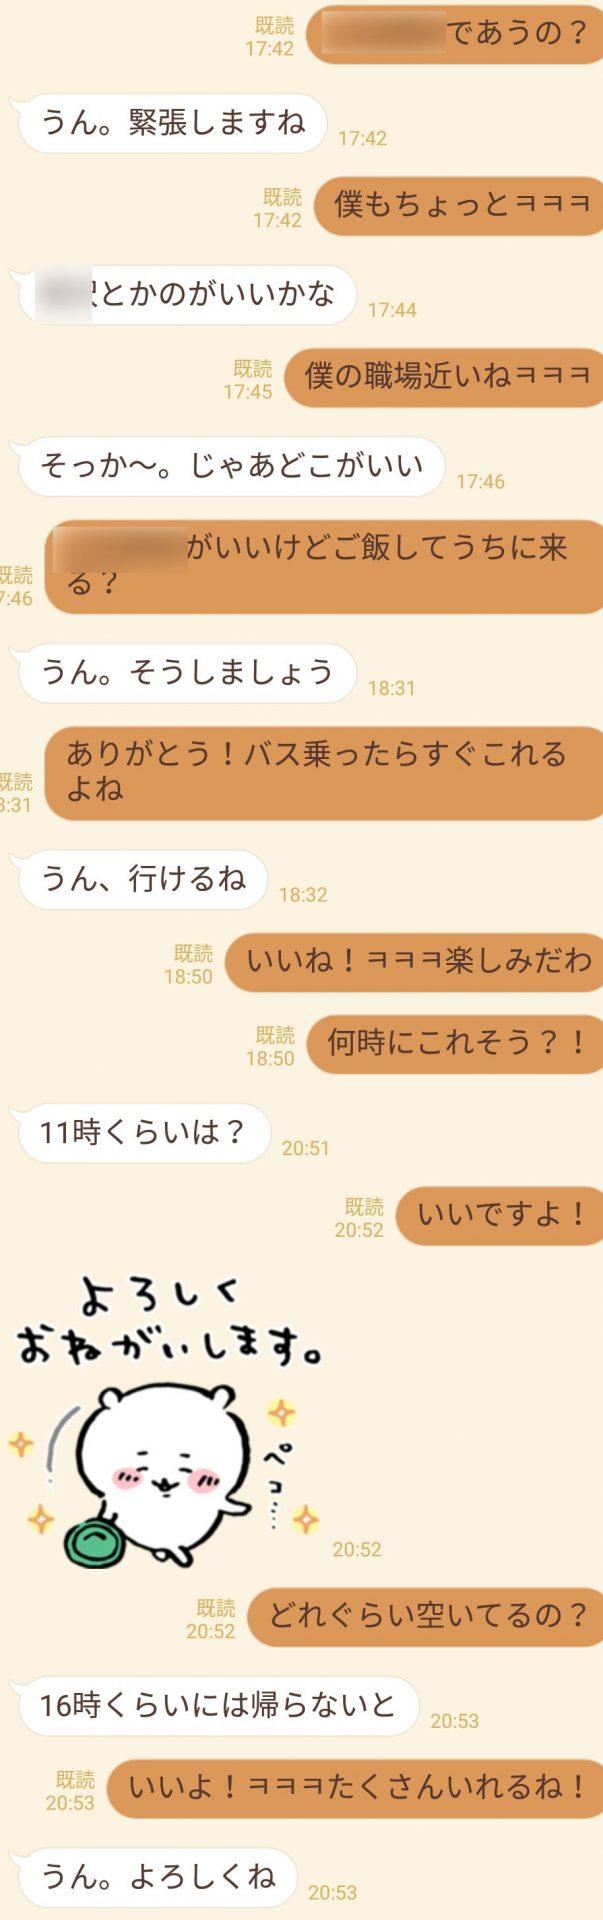 ハッピーメールオフパコライン-01